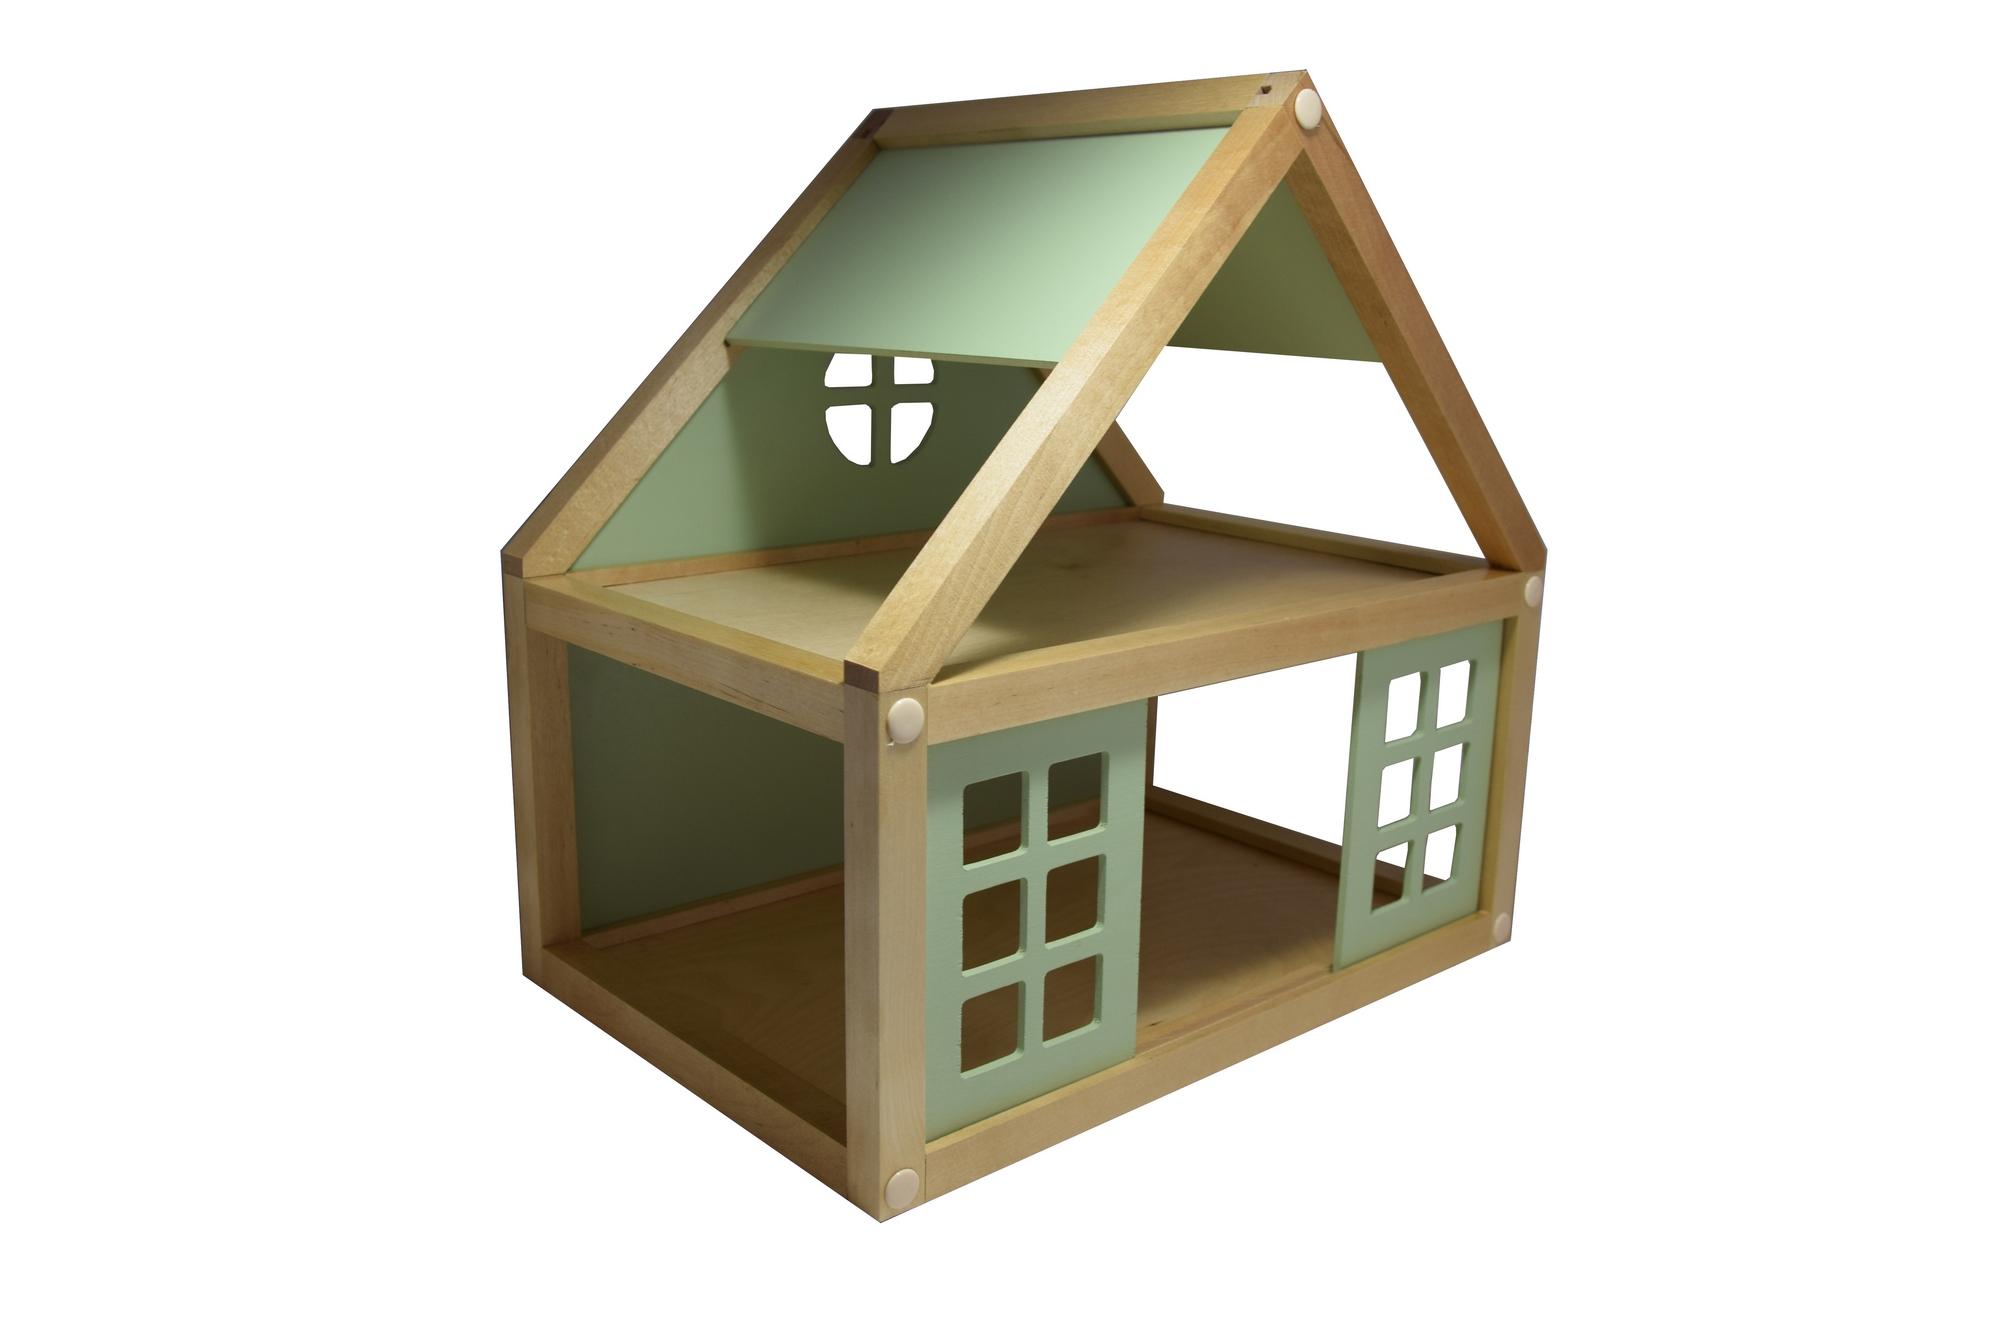 Набор для конструирования Мишка Кострома Кукольный домик 2 этажа ДК-002 фото